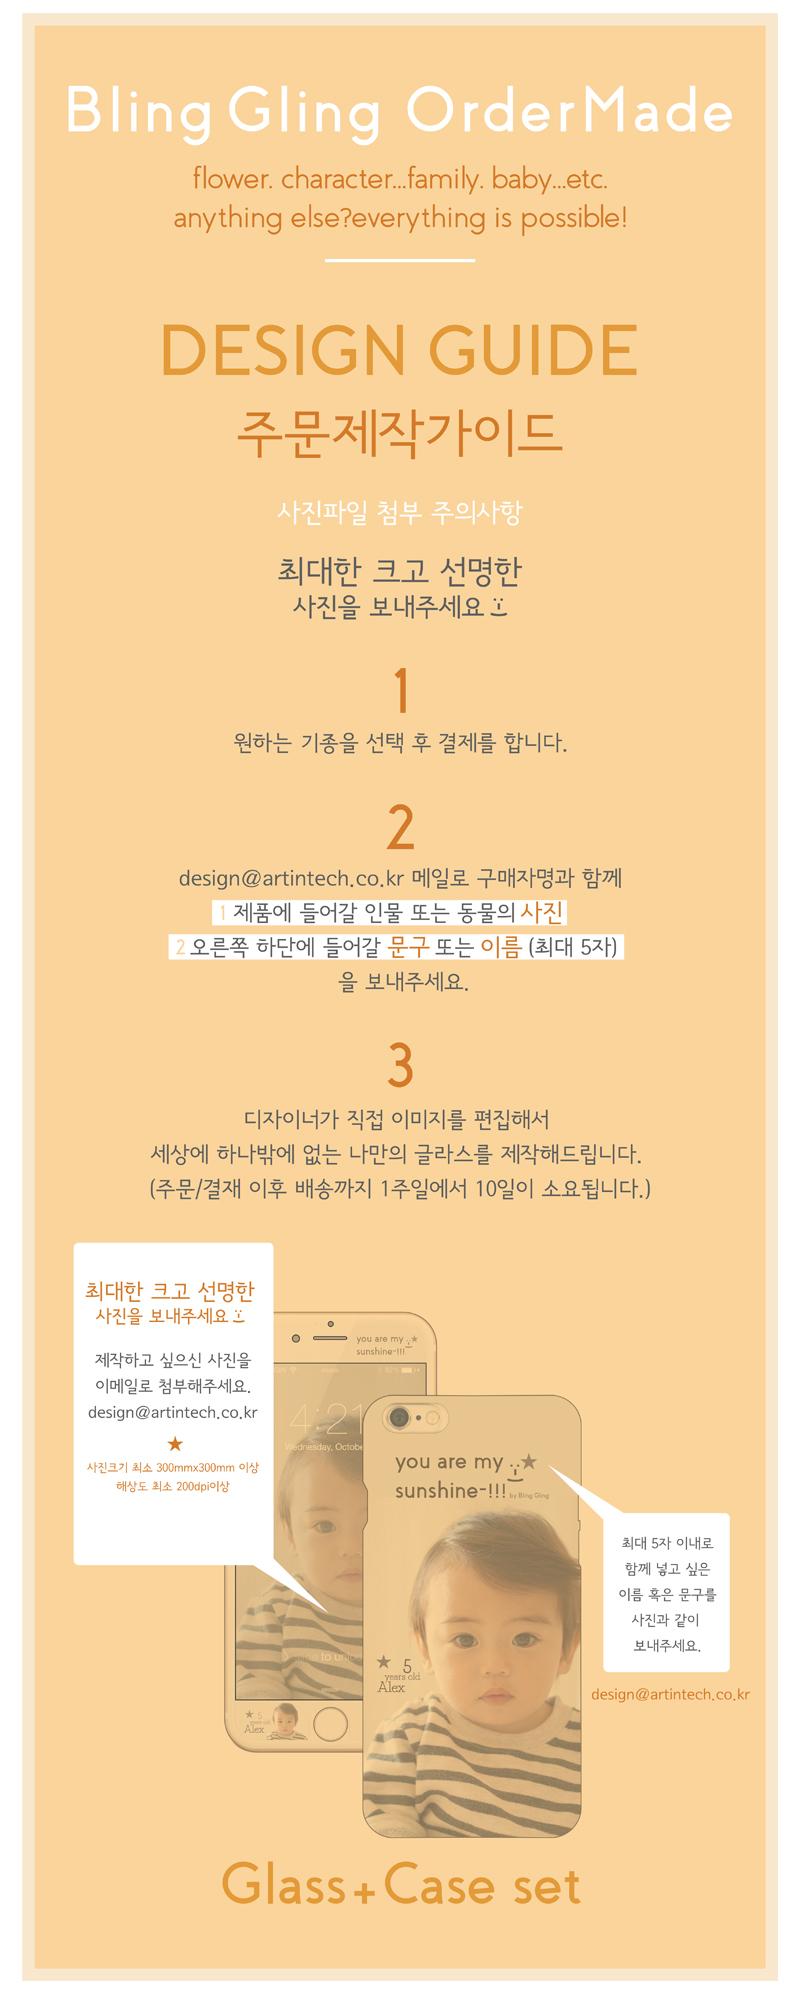 주문제작- 액정필름,케이스 - 블링글링, 36,900원, 필름/스킨, 아이폰7+